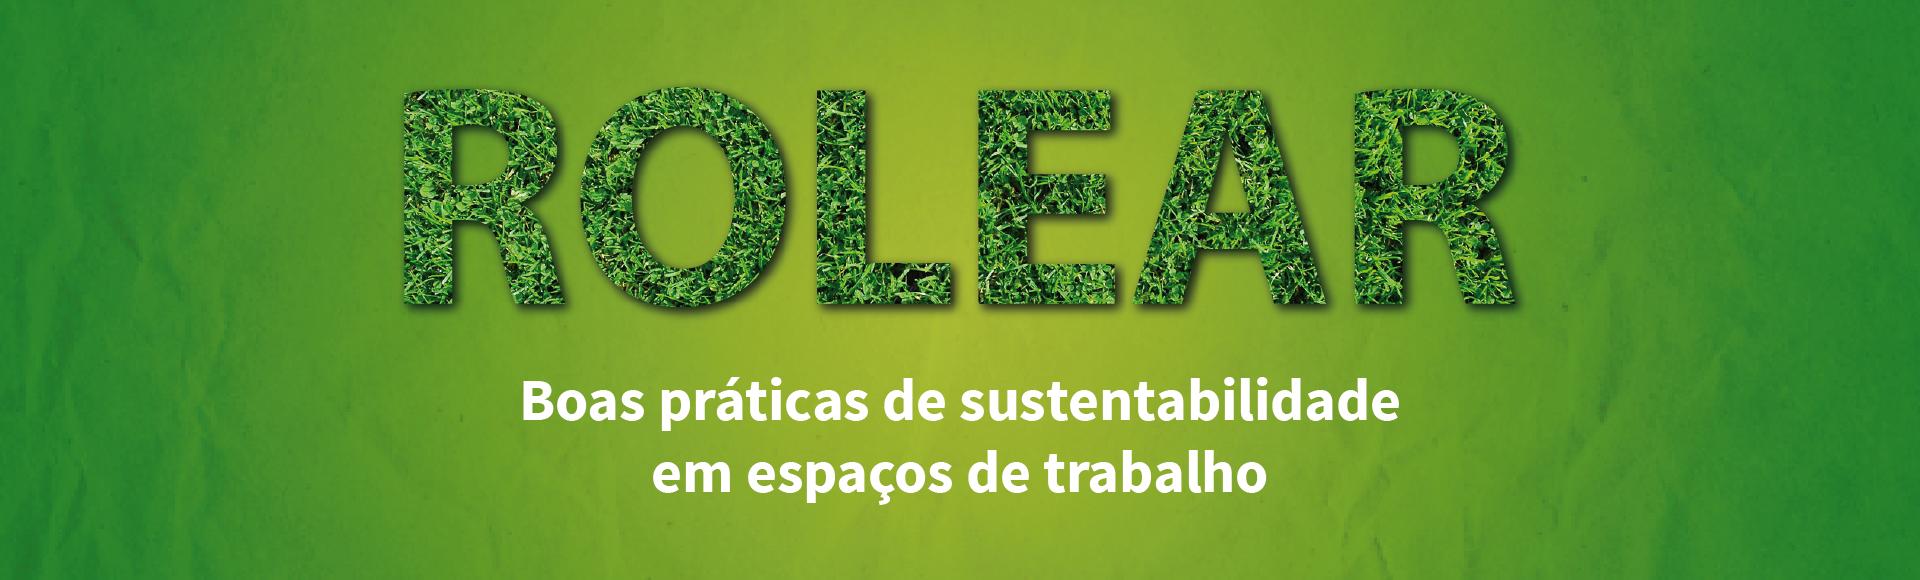 Boas práticas de Sustentabilidade em espaços de trabalho